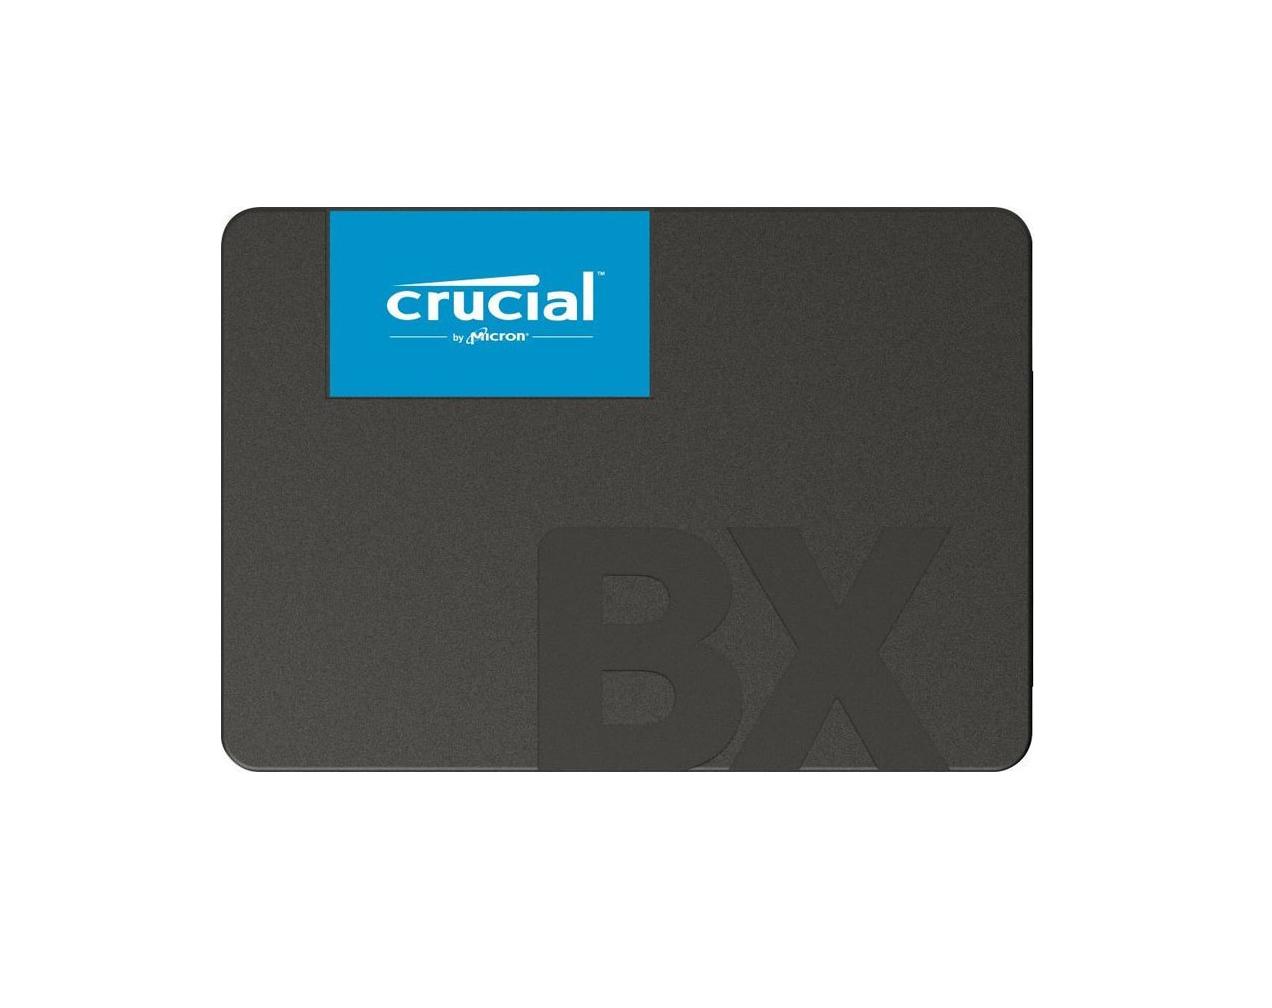 Crucial BX500 240GB Σκληρός Δίσκος SSD Sata 3 CT240BX500SSD1